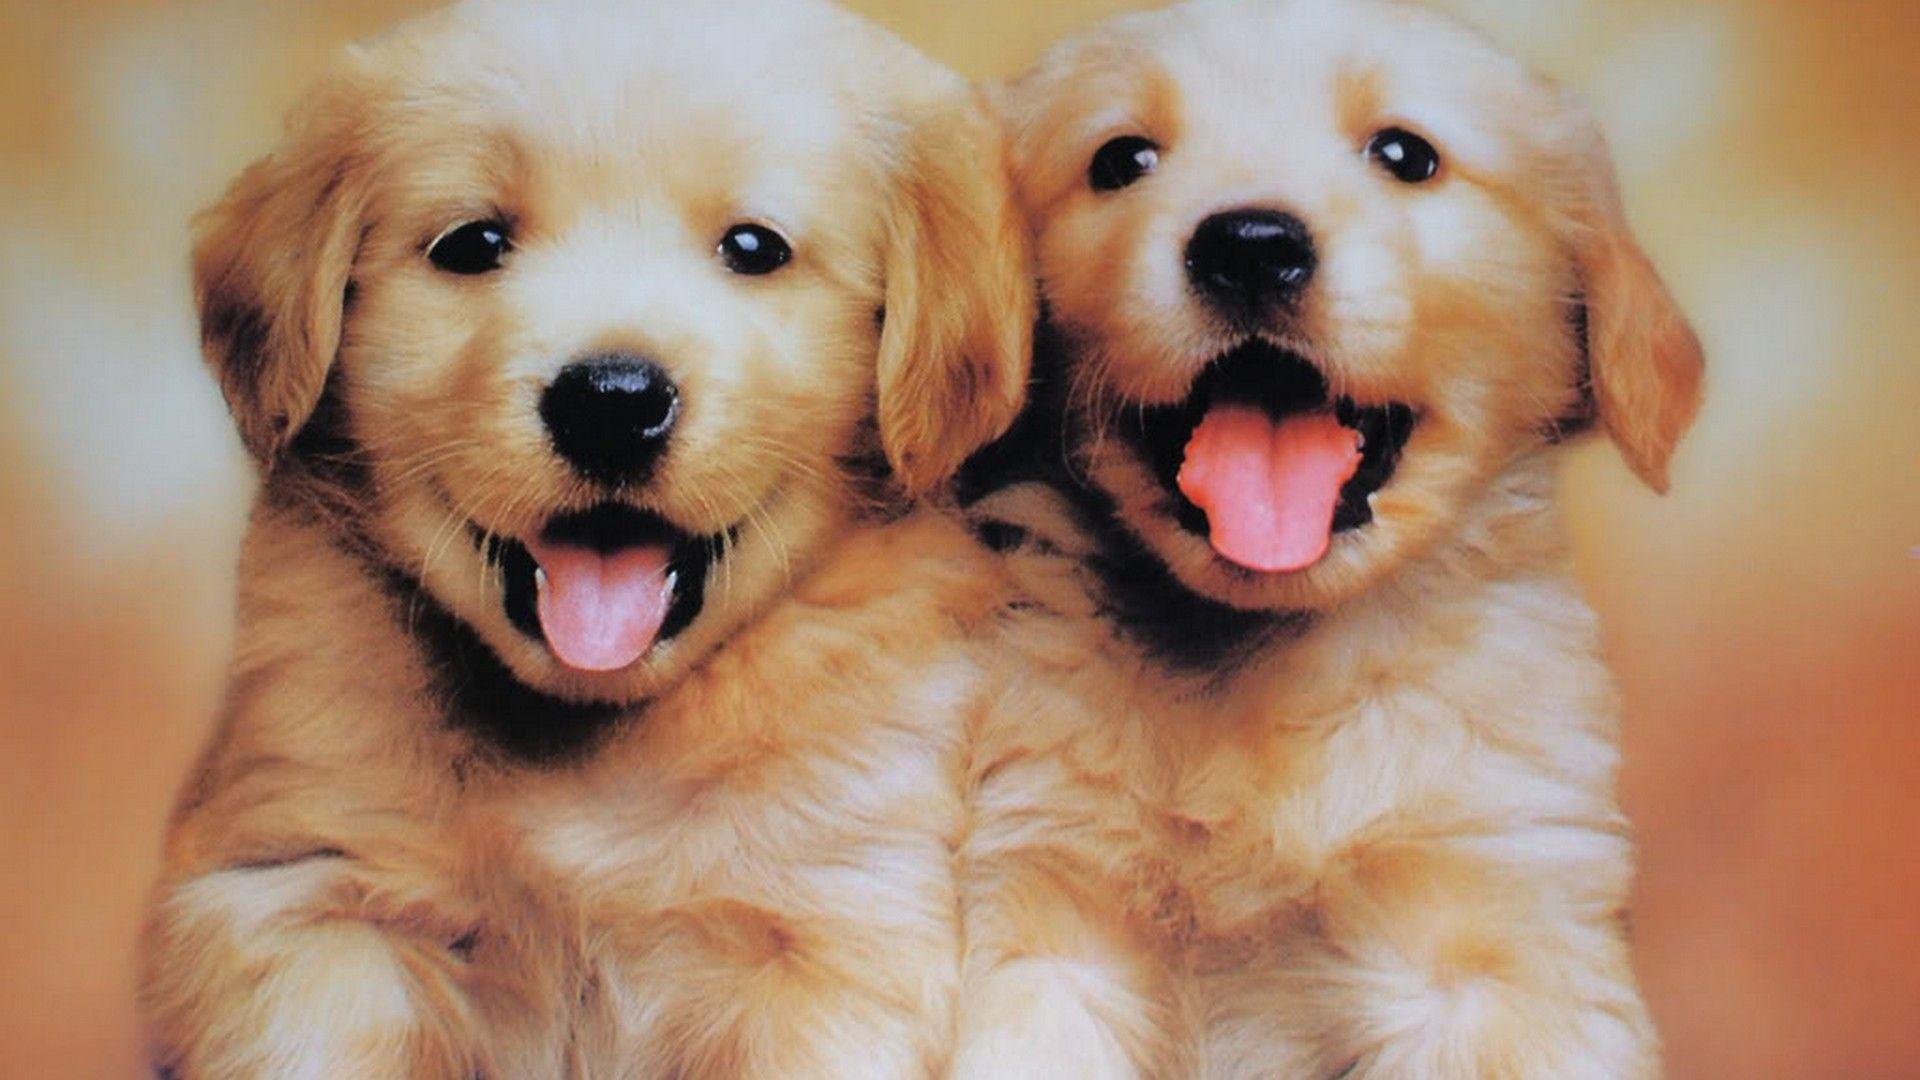 Puppies Wallpaper Hd 2021 Live Wallpaper Hd Cute Dog Photos Cute Puppy Wallpaper Puppy Wallpaper